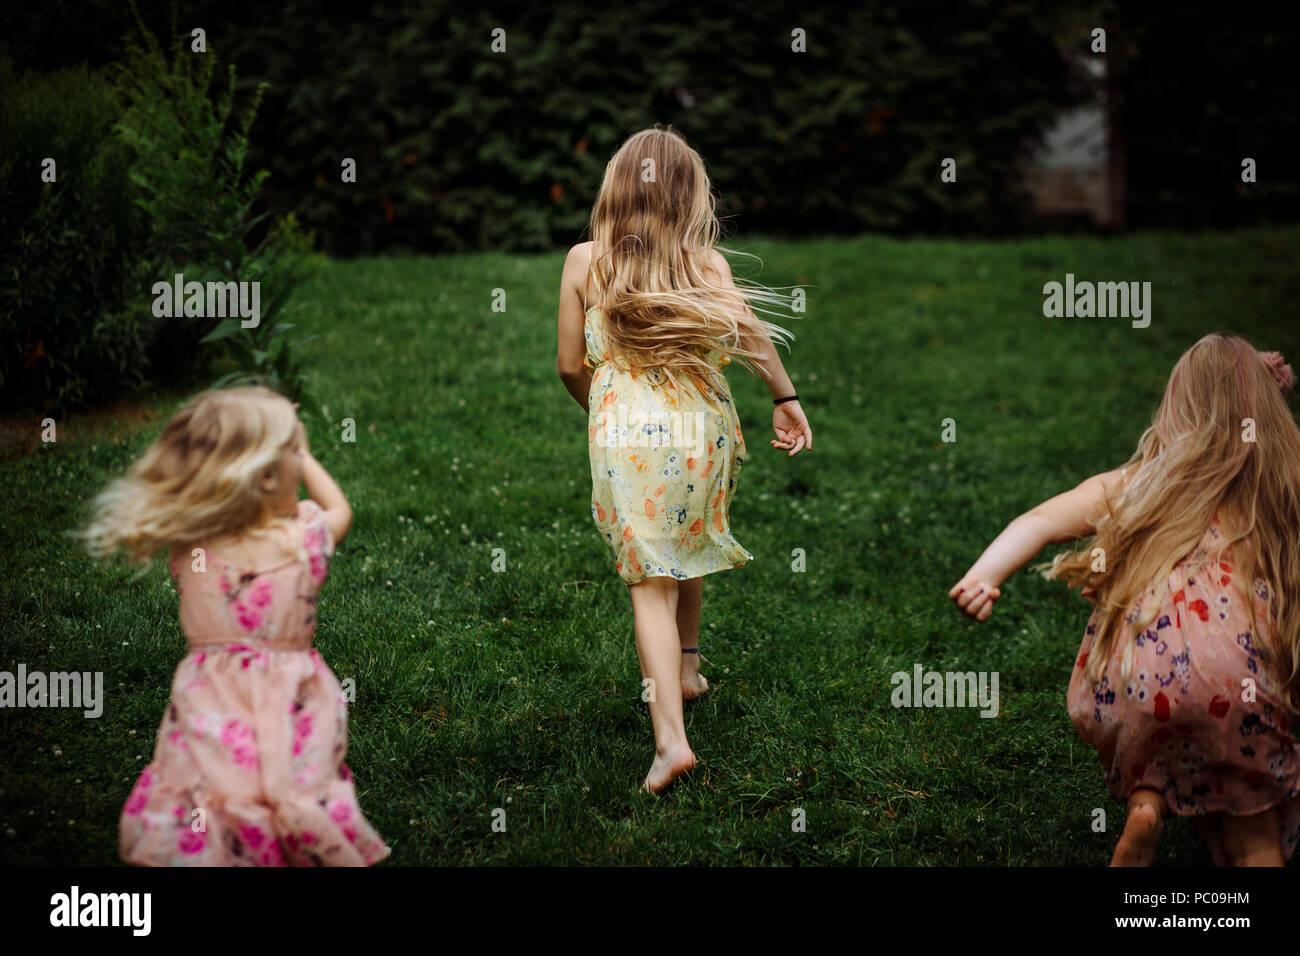 La comparsa di tre piccoli ragazze vestito con un abito in esecuzione nel parco Immagini Stock